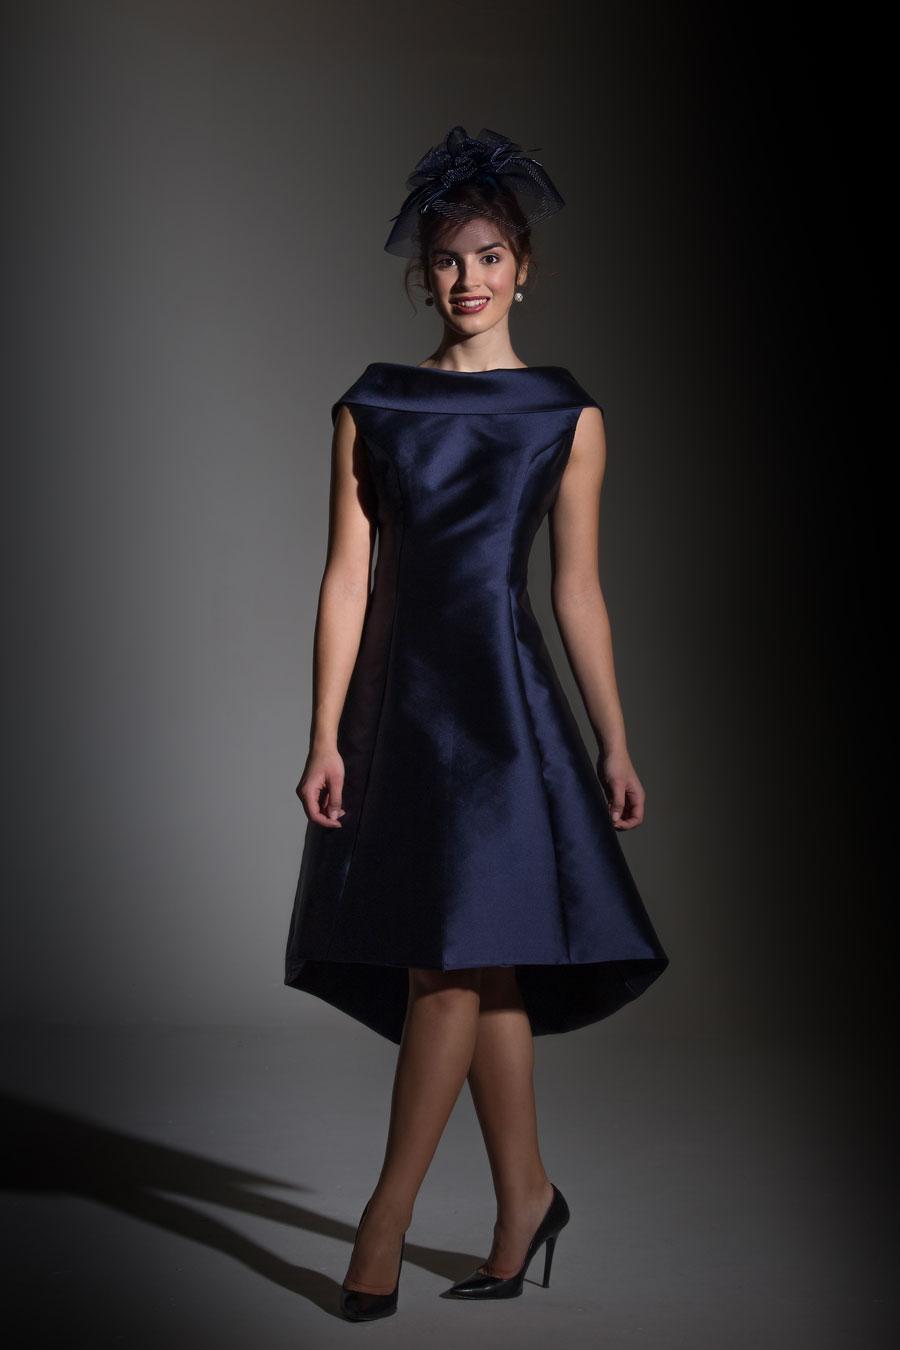 Vestiti Eleganti Negozi Torino.Abiti Da Cerimonia A Torino Rosalba Gabrielli Collezioni Cerimonia